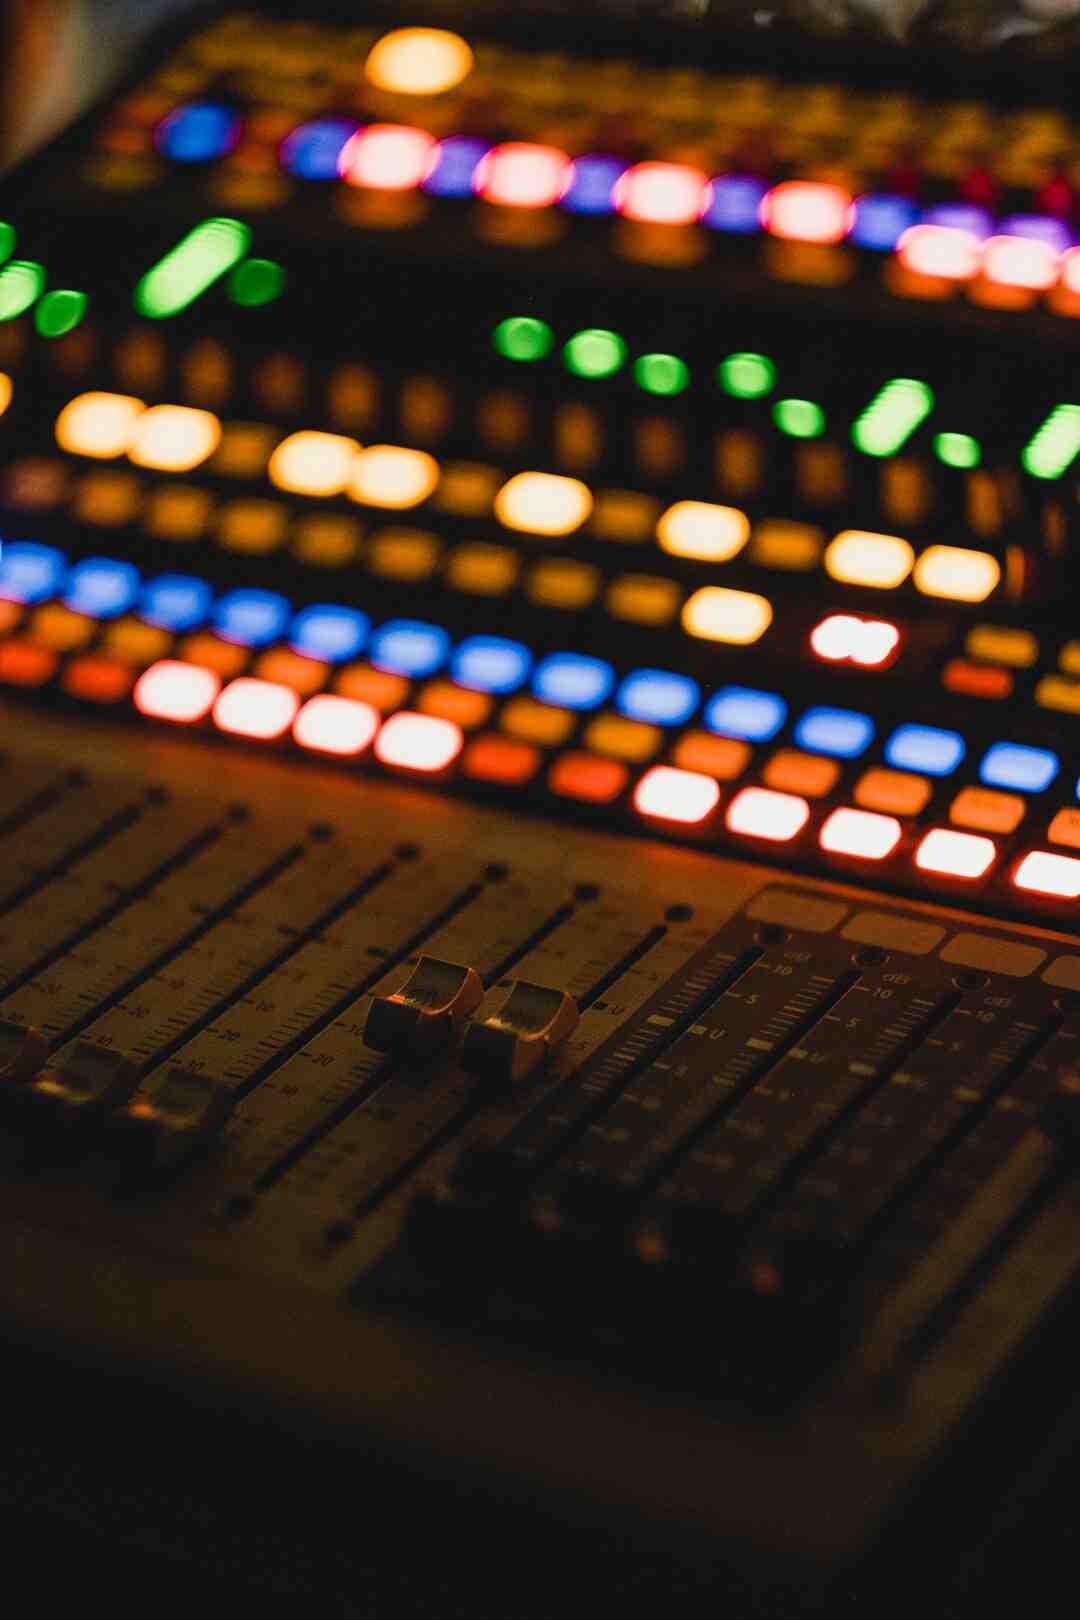 Comment enregistrer une musique